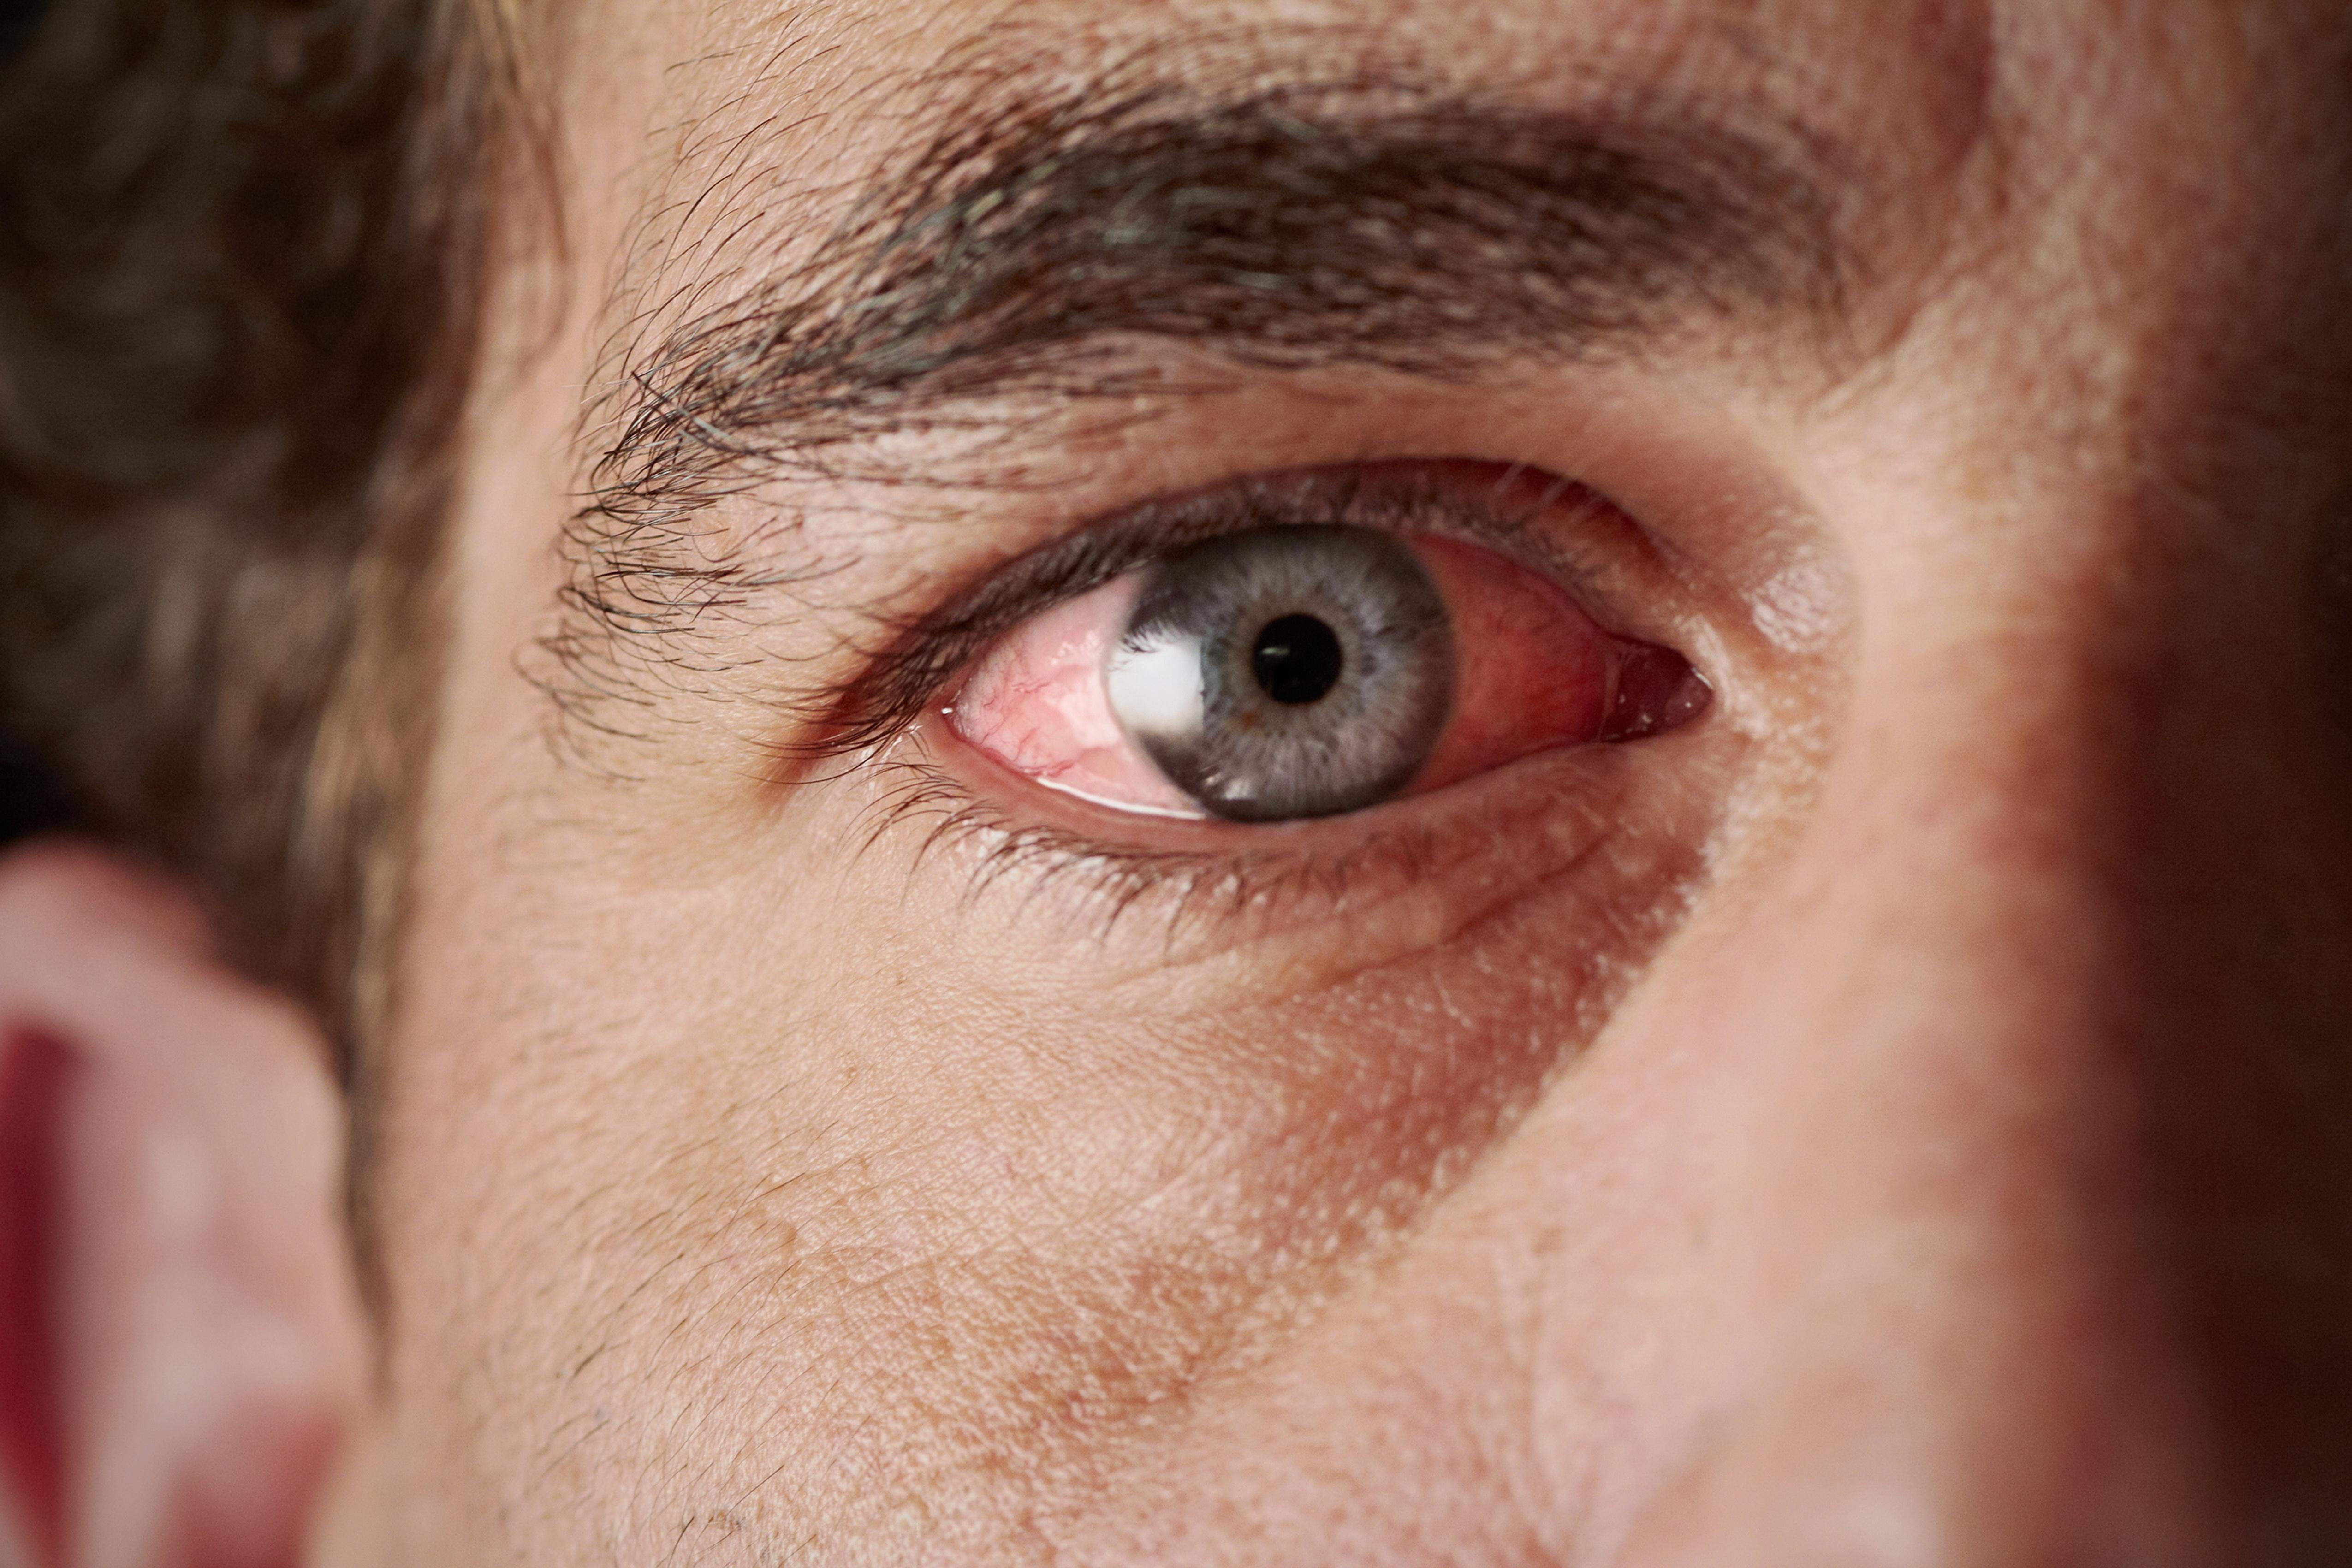 a legegyszerbb pikkelysmr kezels pikkelysömör tünetei és kezelése otthon vélemények